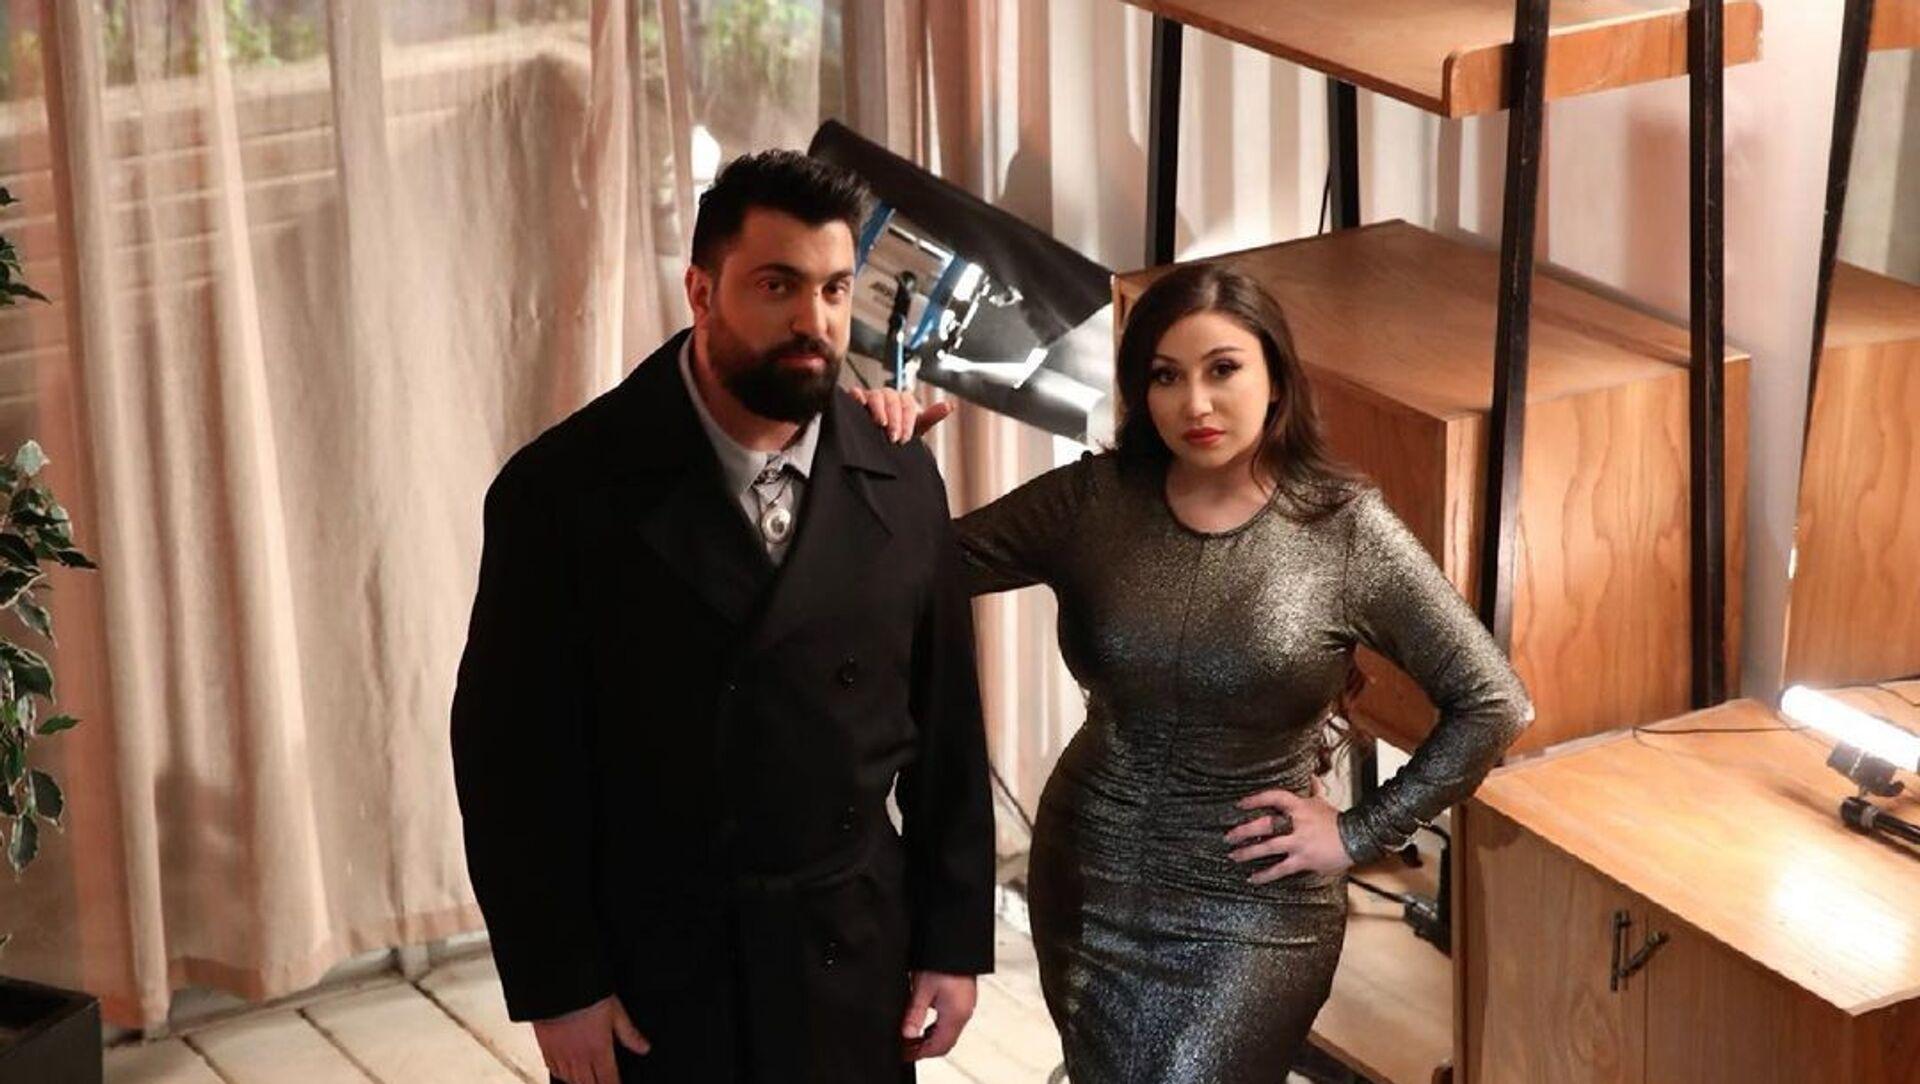 Известная азербайджанская певица Дамла (Масума Мамедова) с Шамилем Ибрагимовым - Sputnik Азербайджан, 1920, 21.04.2021